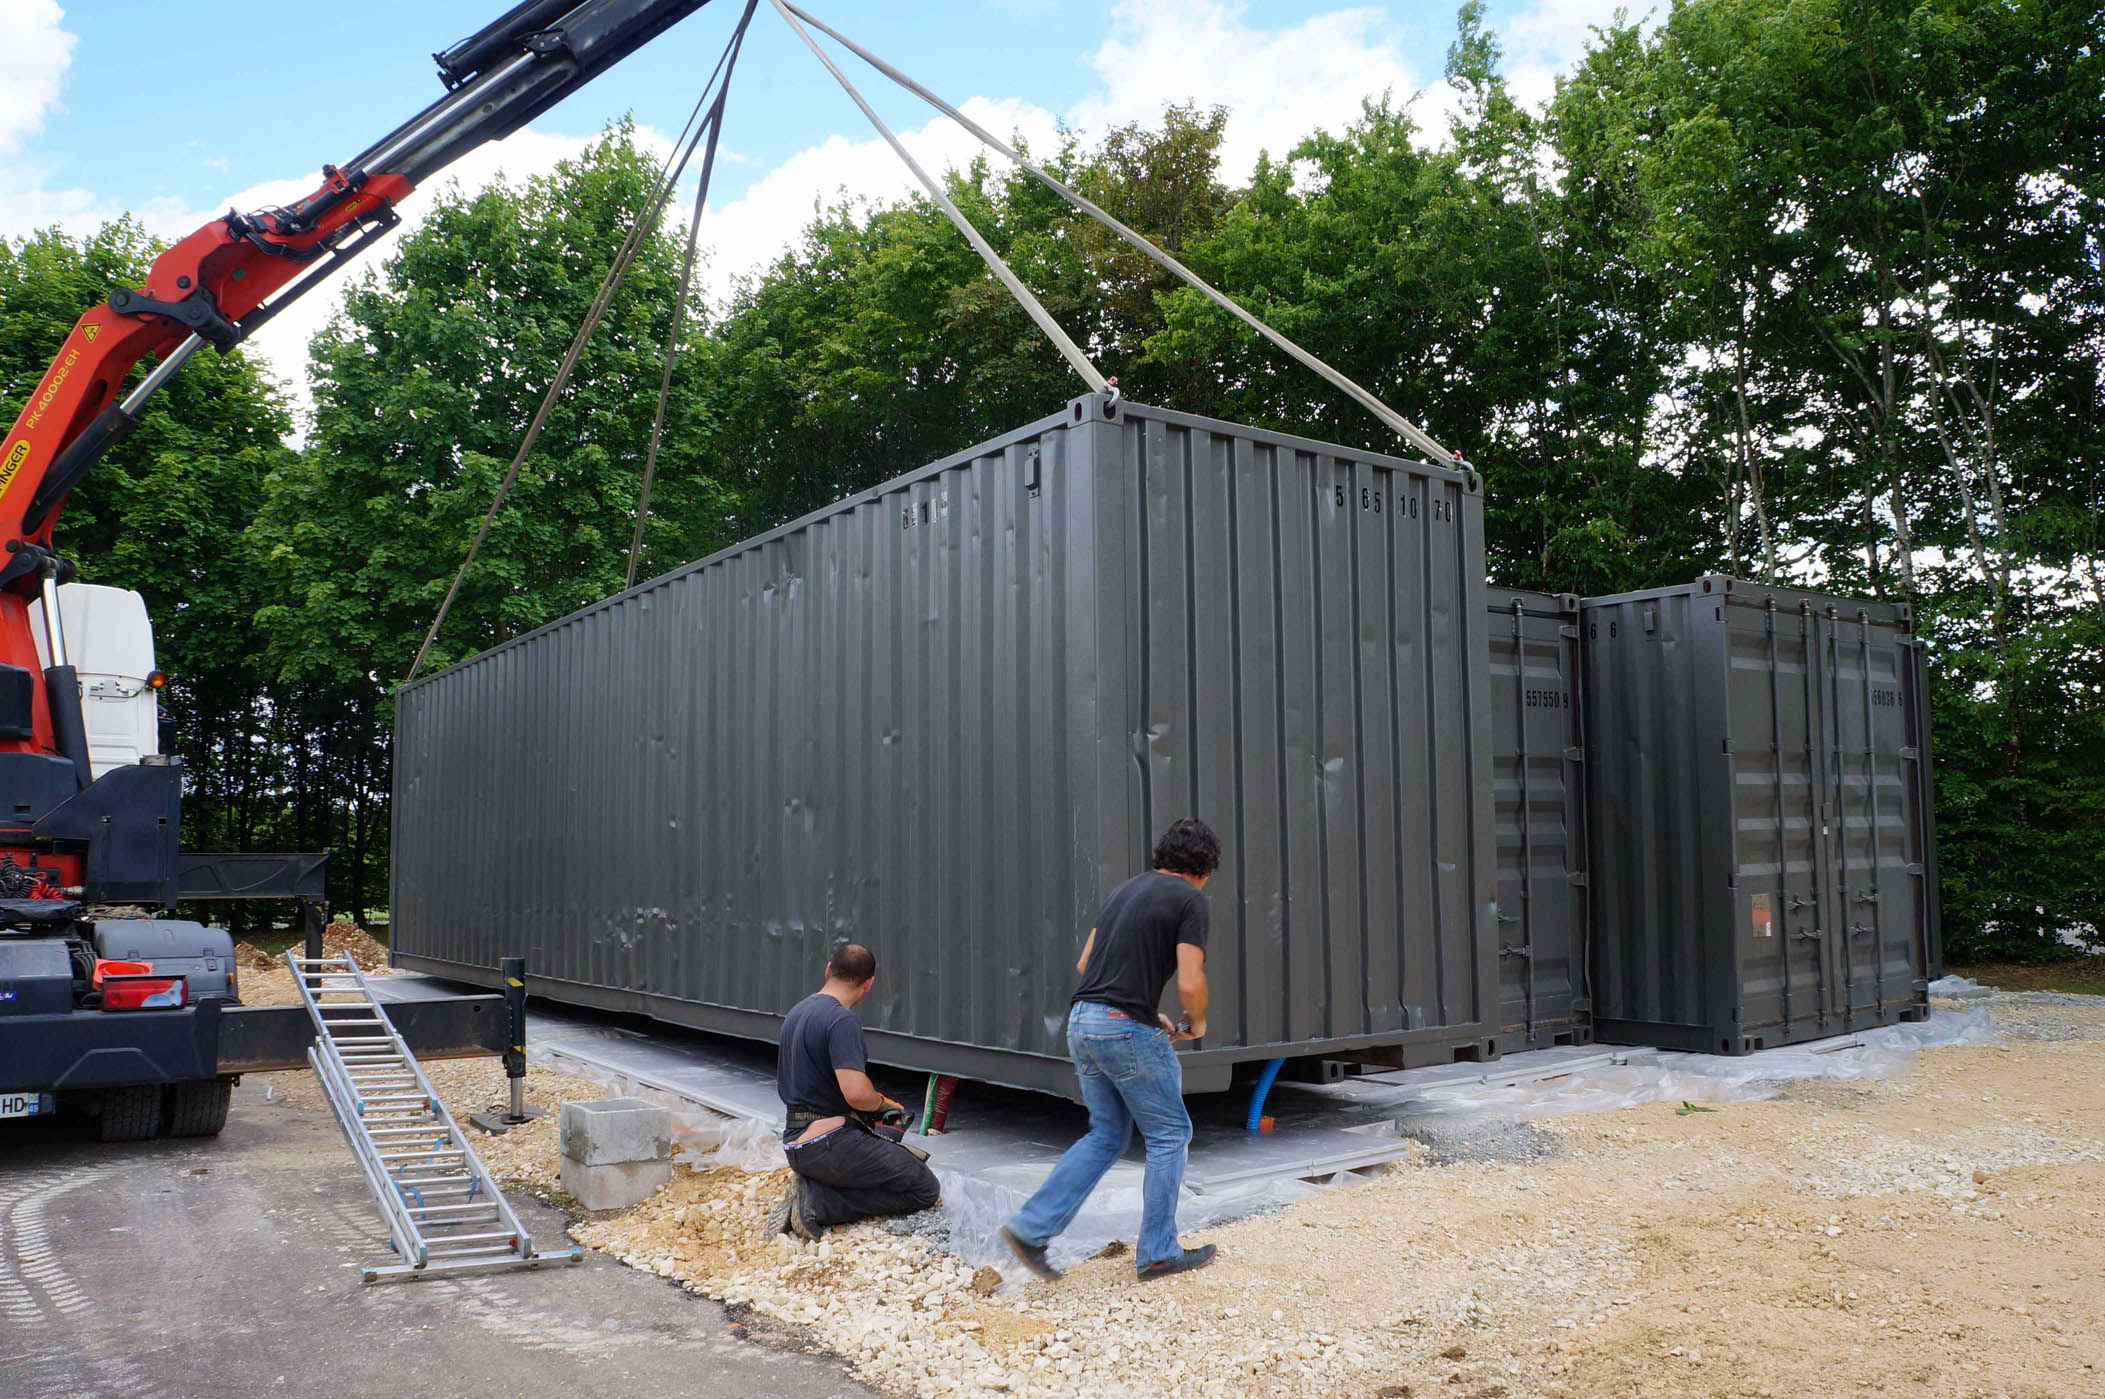 Transport et manutention de containers maritimes goliat for Prix d un container maritime